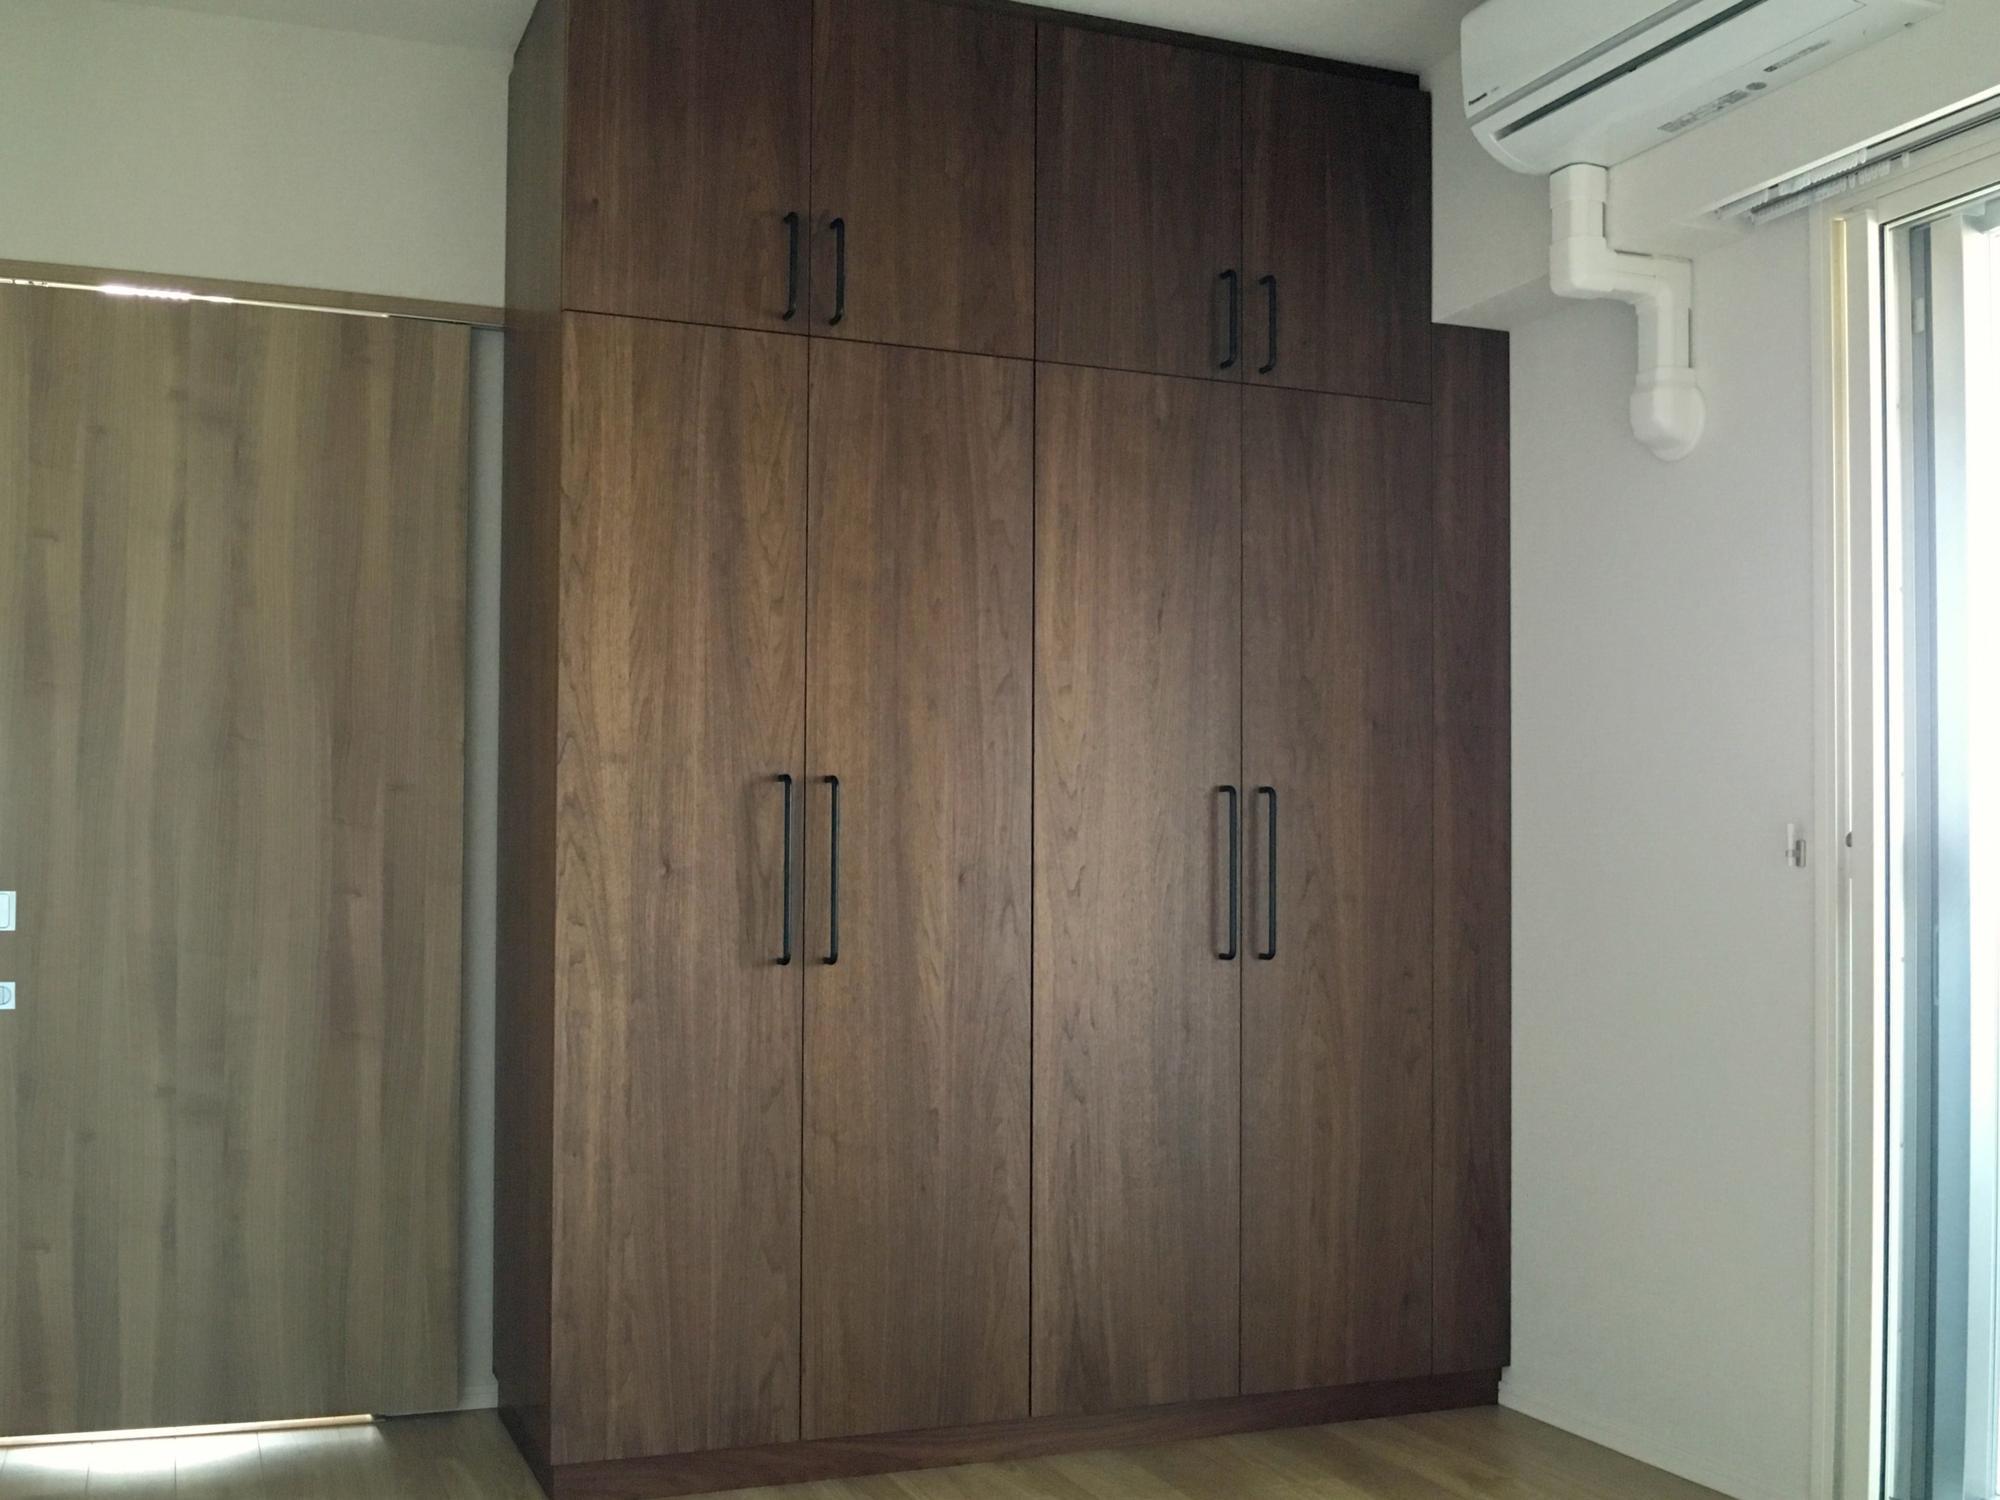 オーダー家具 オプション家具 ワードローブ ウォールナット